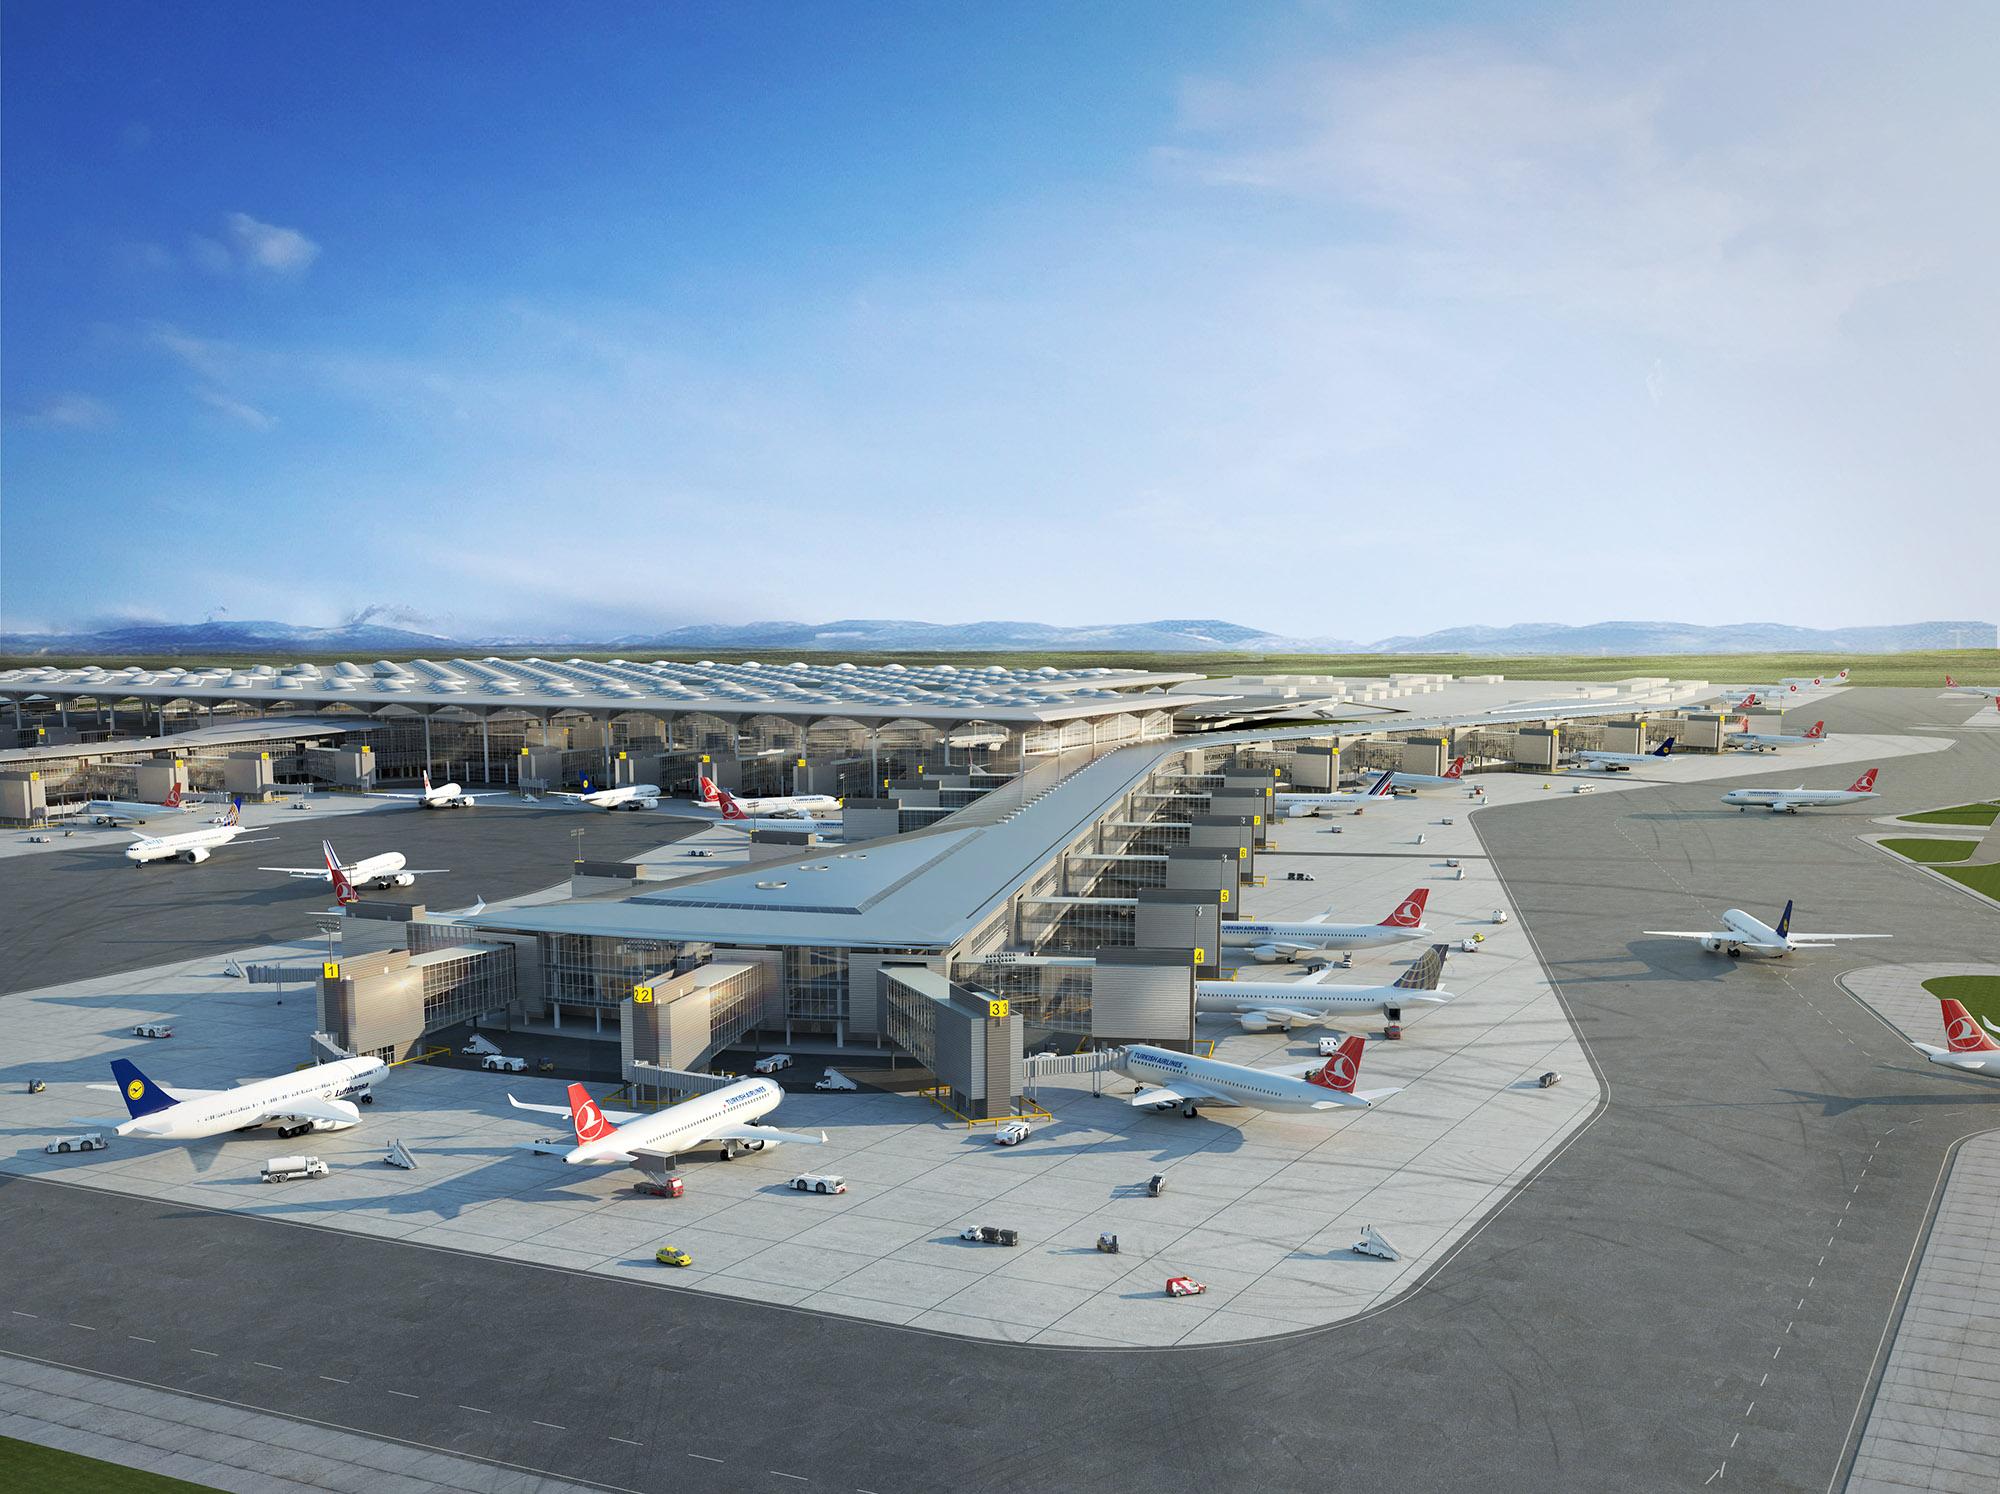 İstanbul Yeni Havalimanı Na 1 7 Milyar Euro Harcandı Havayolu 101